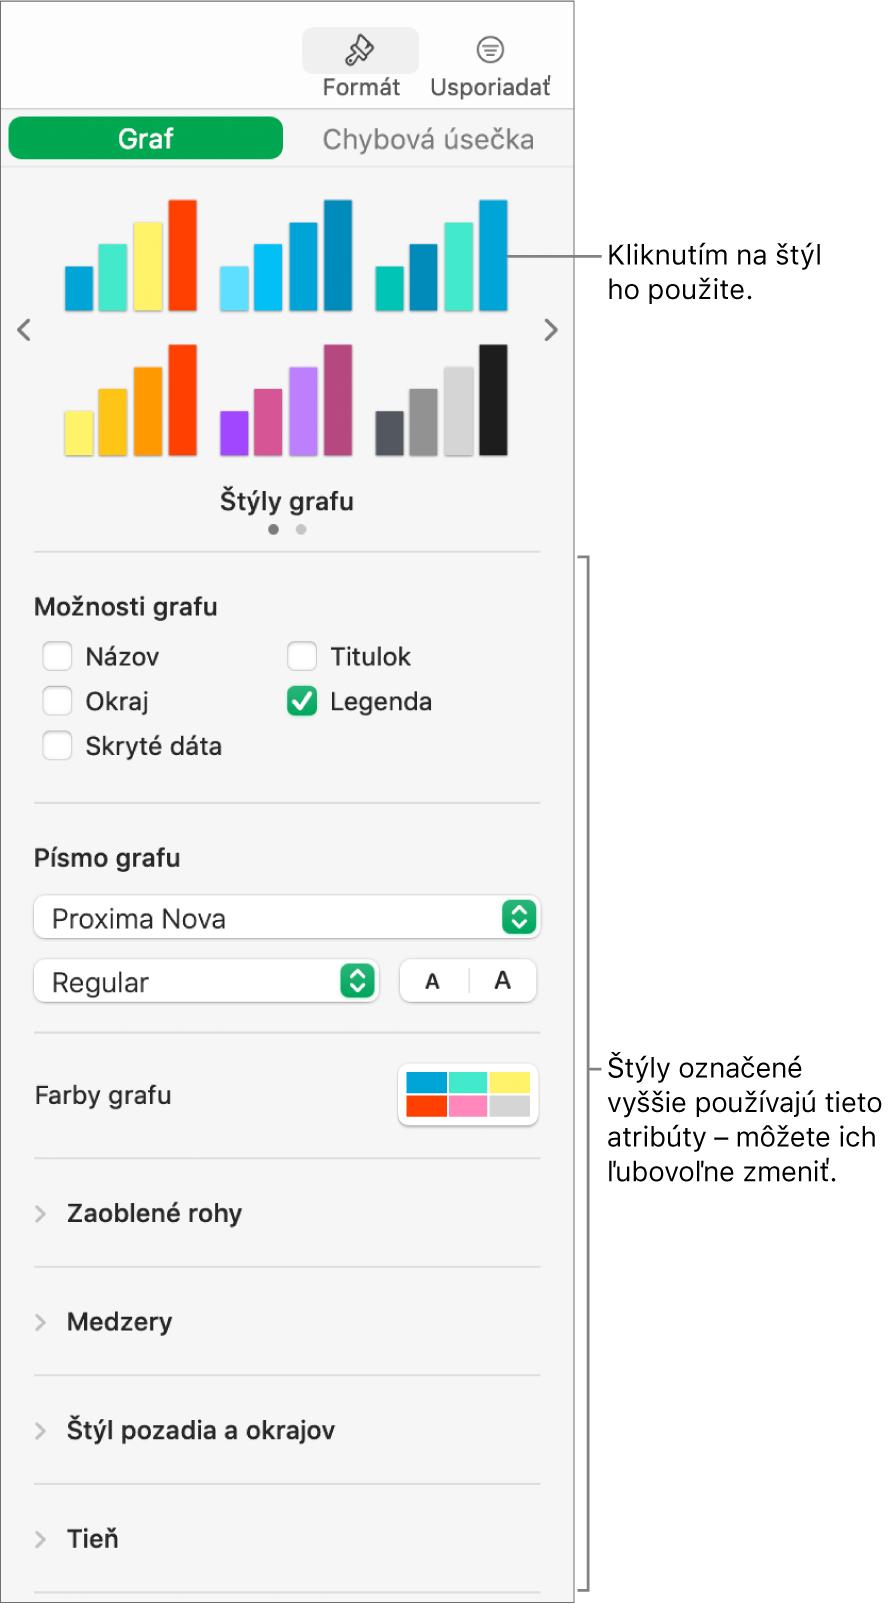 Postranný panel formátovania so zobrazenými ovládacími prvkami na formátovanie grafov.